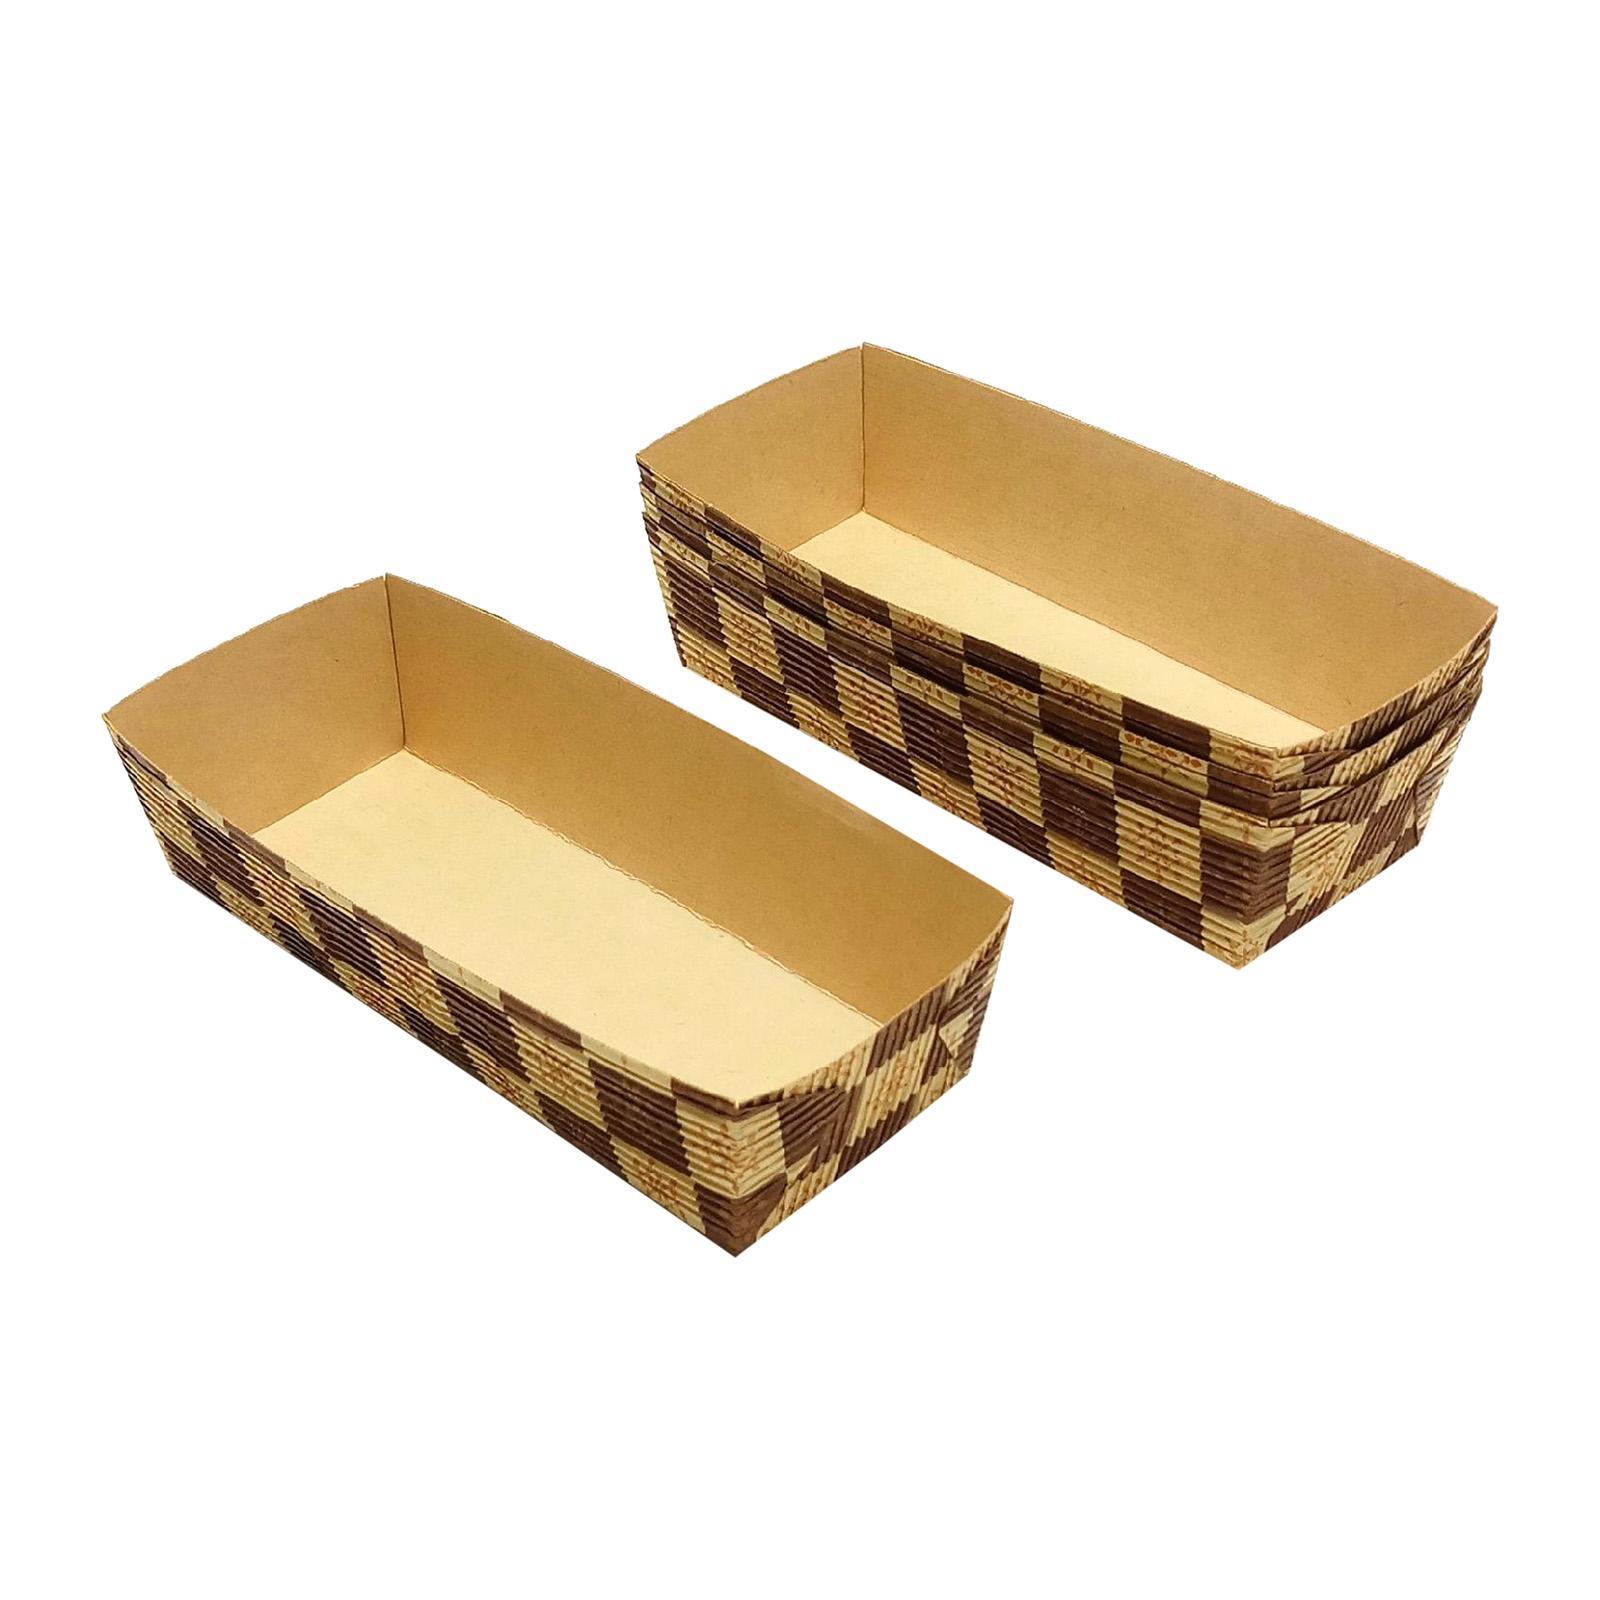 Vesta Paper Loaf Cake Tray (Brown Block)